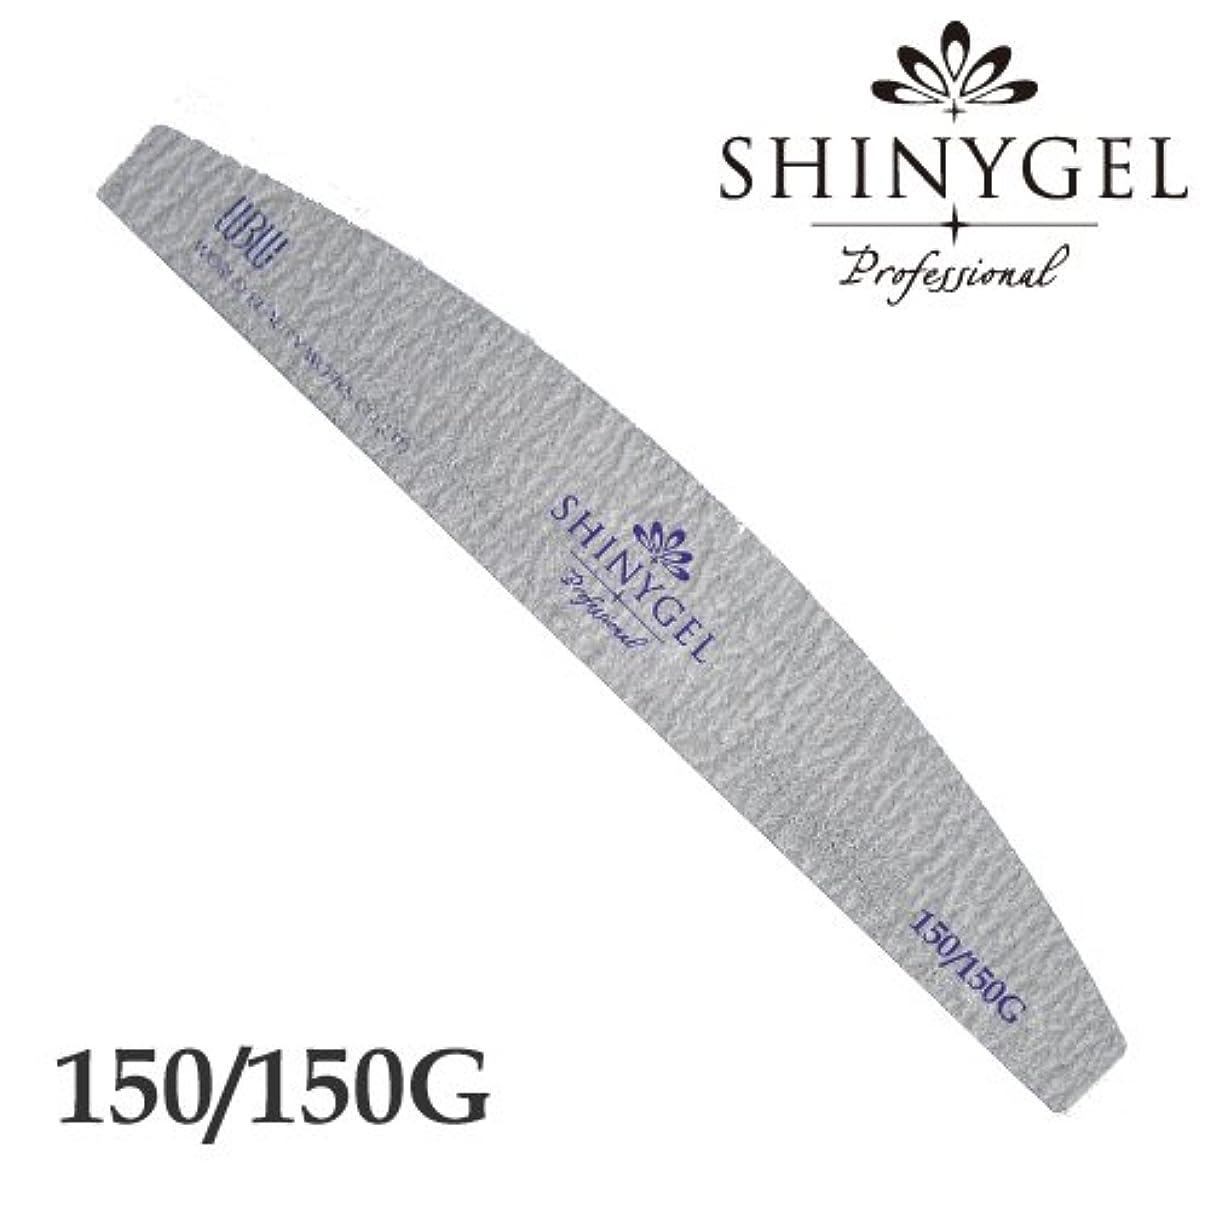 混合したアカデミー説教SHINYGEL Professional シャイニージェルプロフェッショナル ゼブラファイル ブラック(アーチ型) 150/150G ジェルネイル 爪やすり